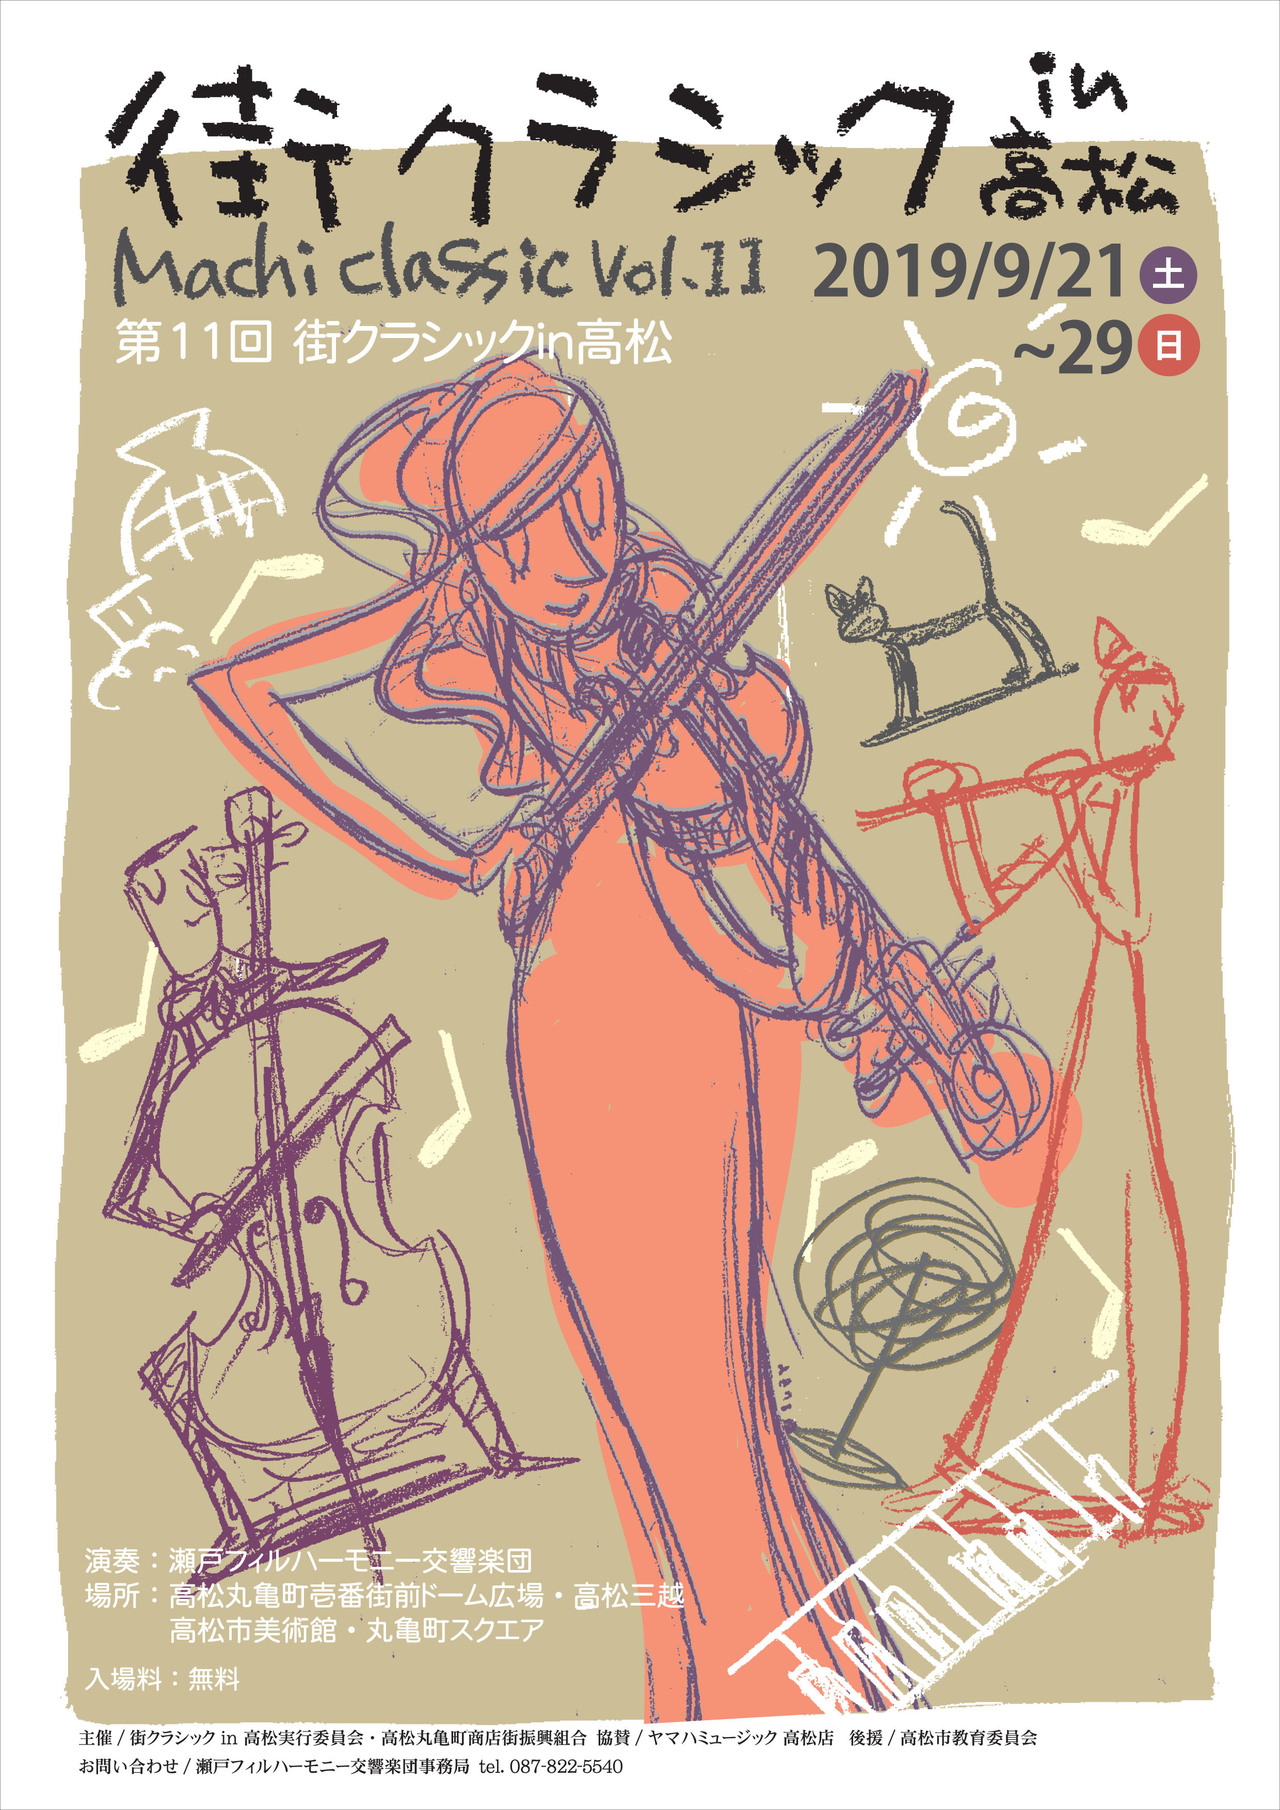 第11回 街クラシック in 高松